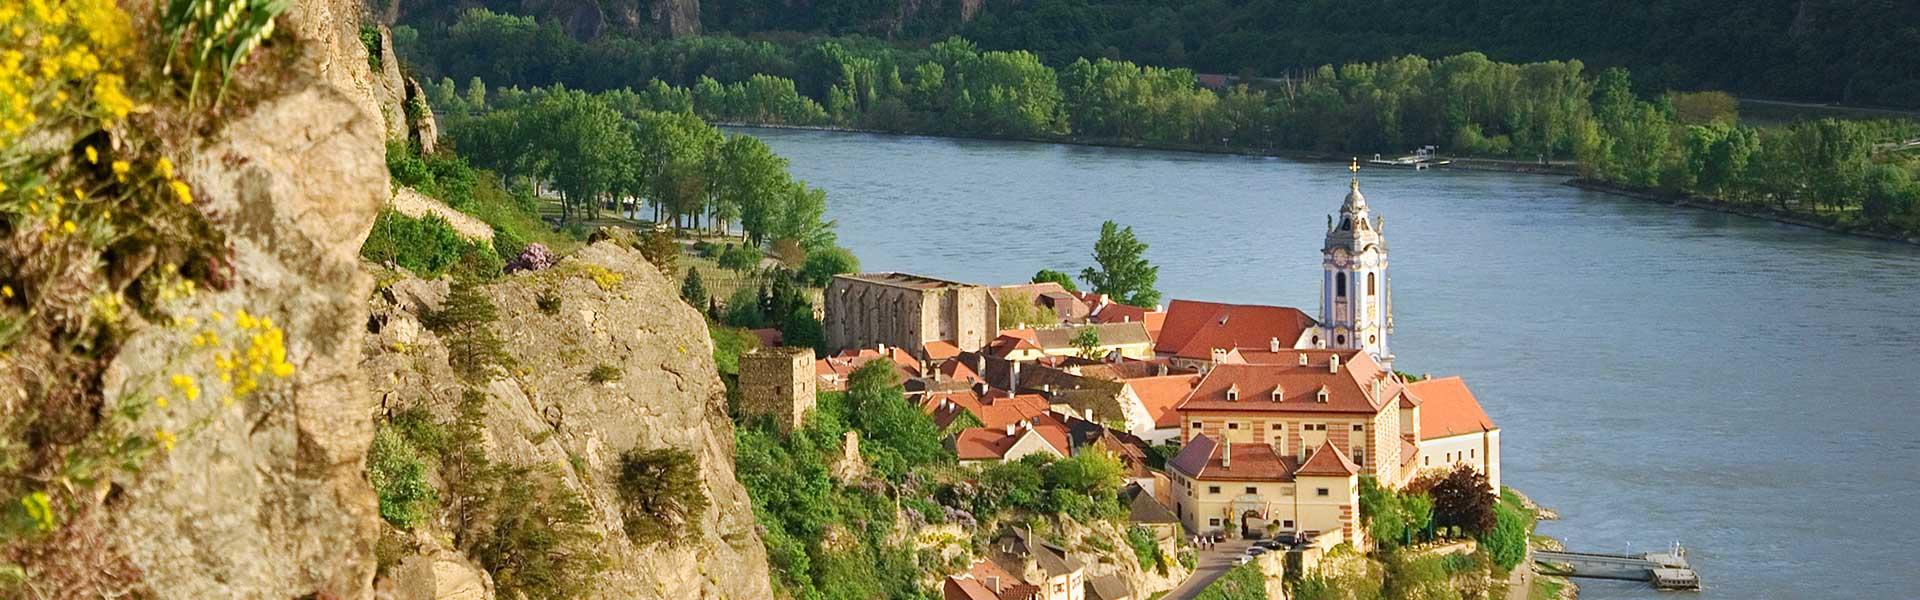 Donauwirt Slide Dürnstein